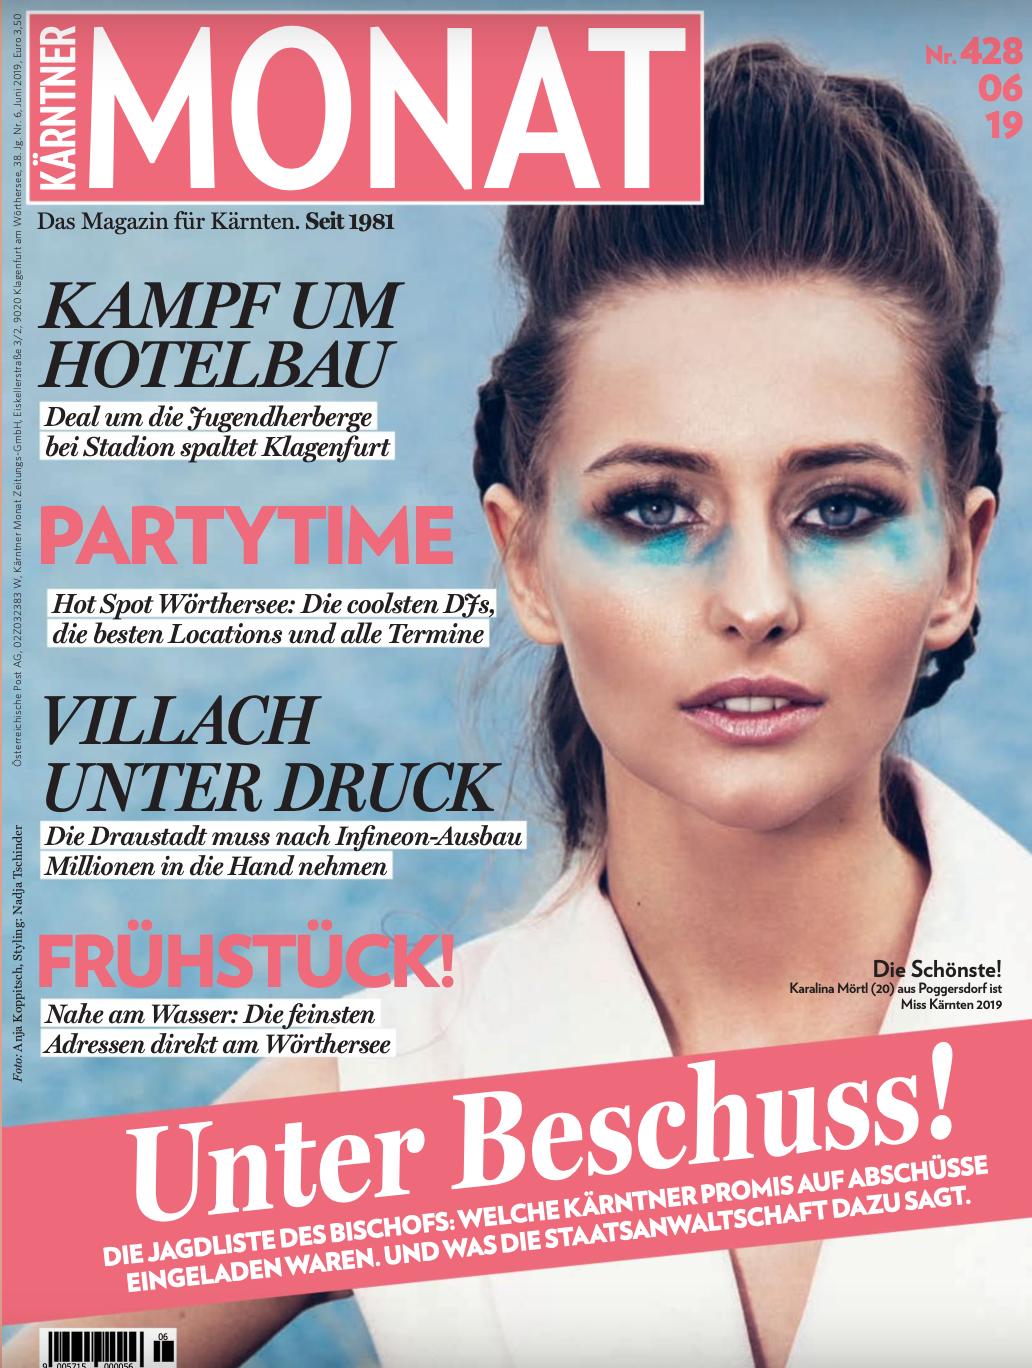 Kärntner Monat Cover